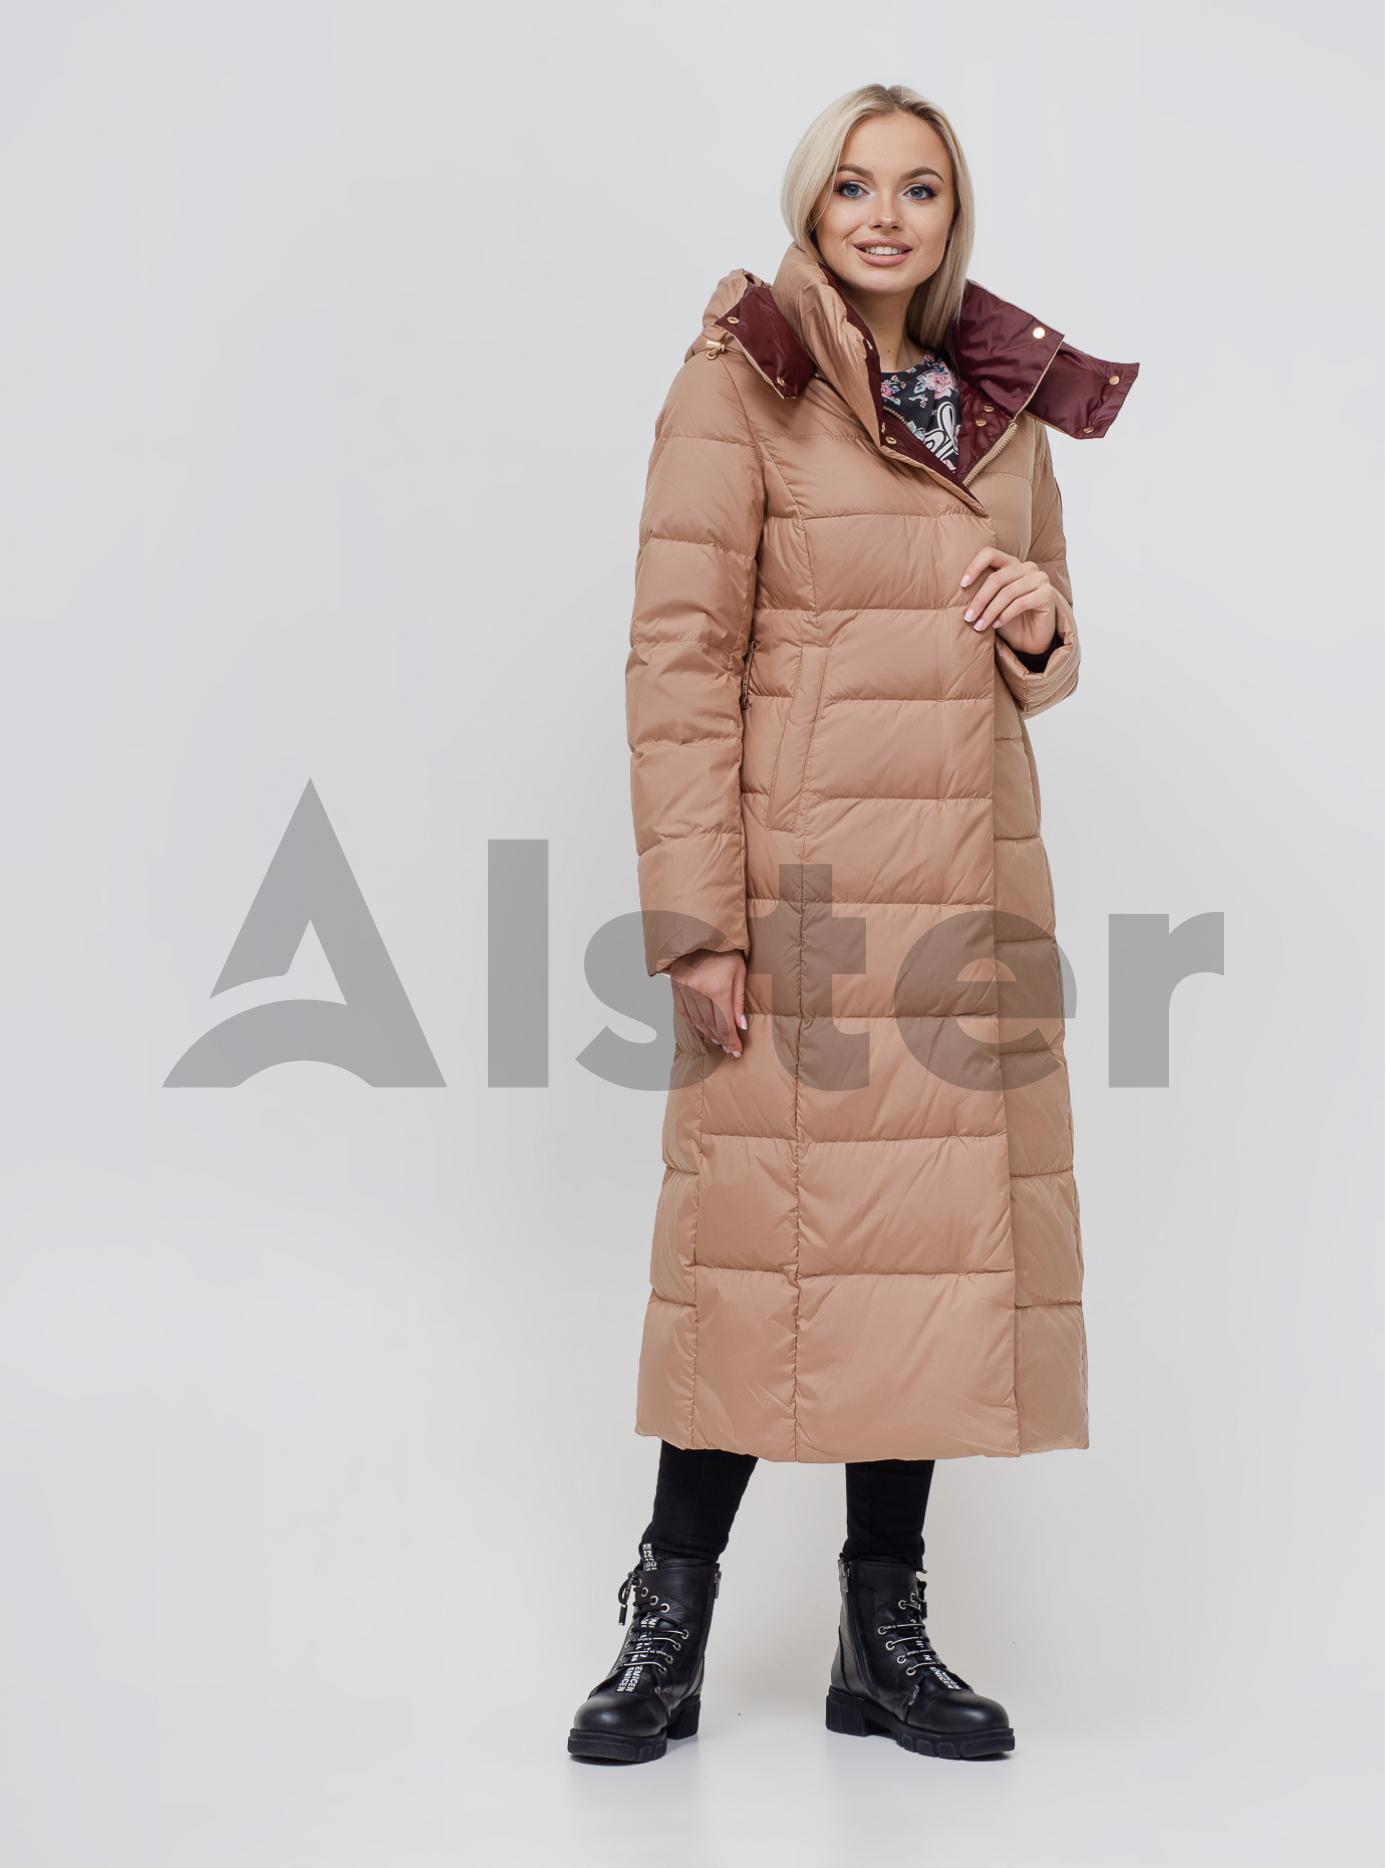 Пуховик зимовий довгий з поясом Бежевий S (02-N200529): фото - Alster.ua